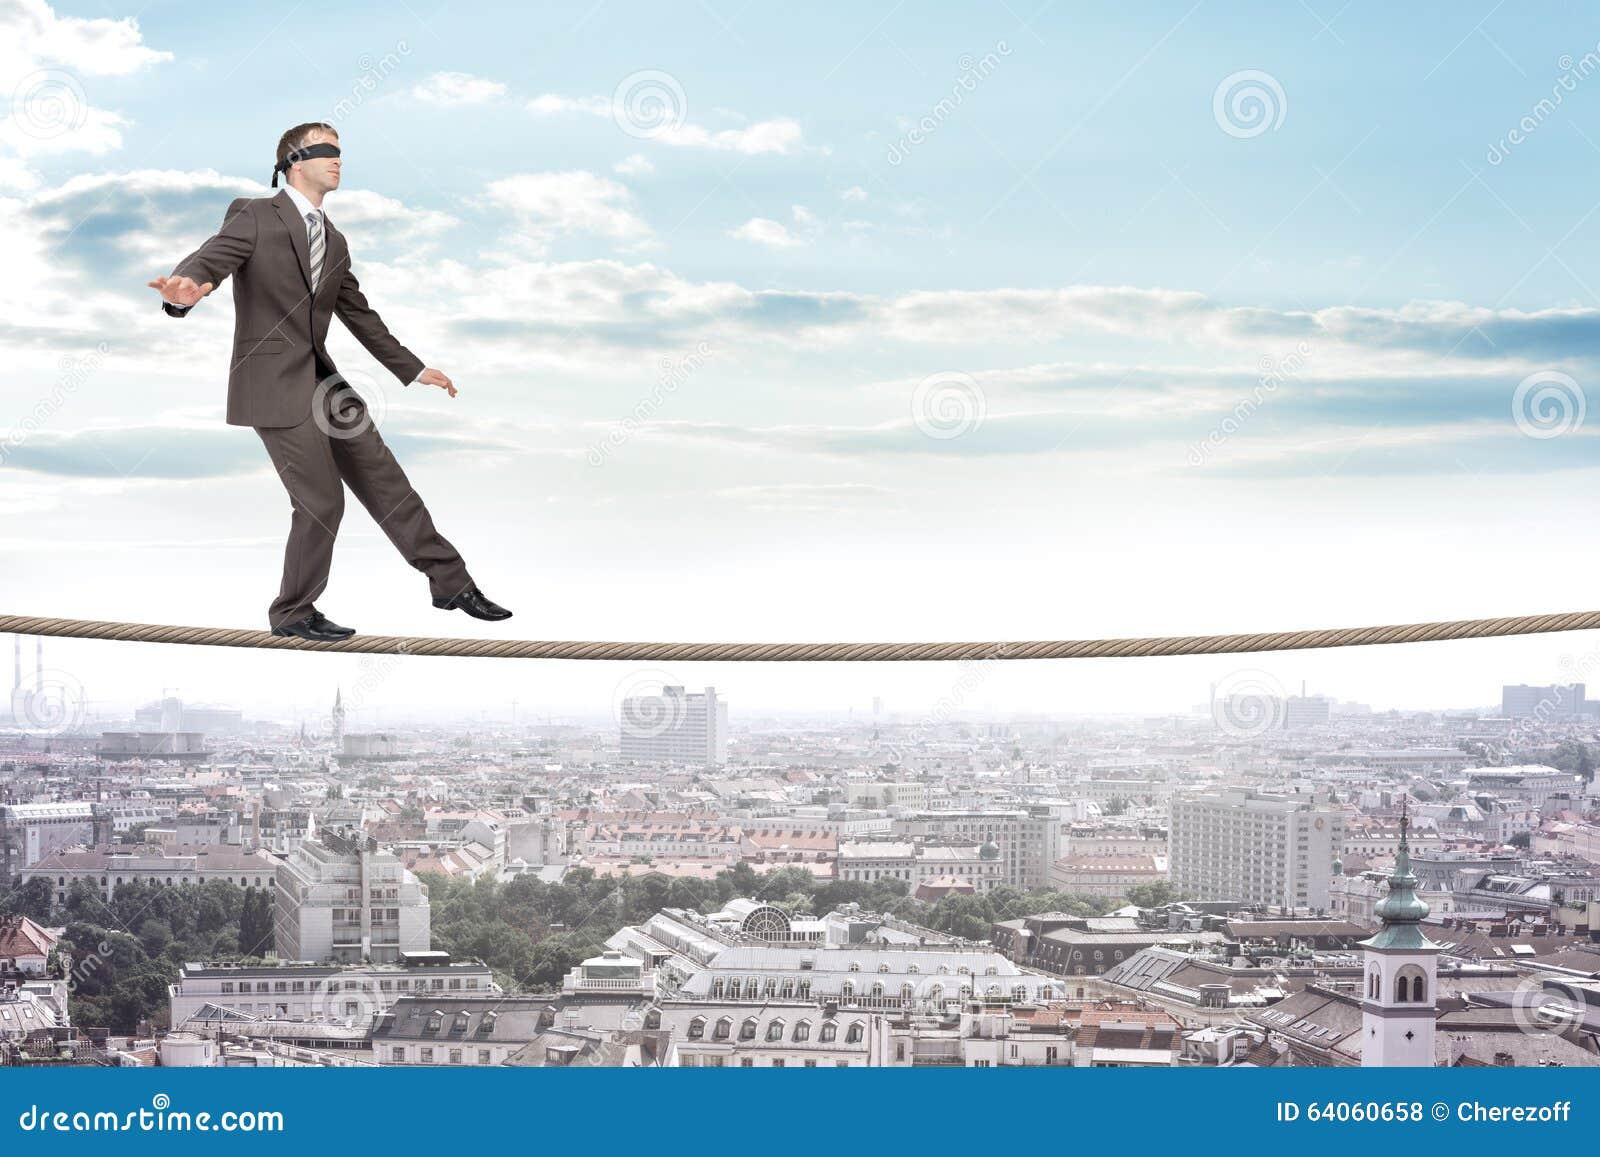 Businessman Walking On Rope Stock Photo Image 64060658